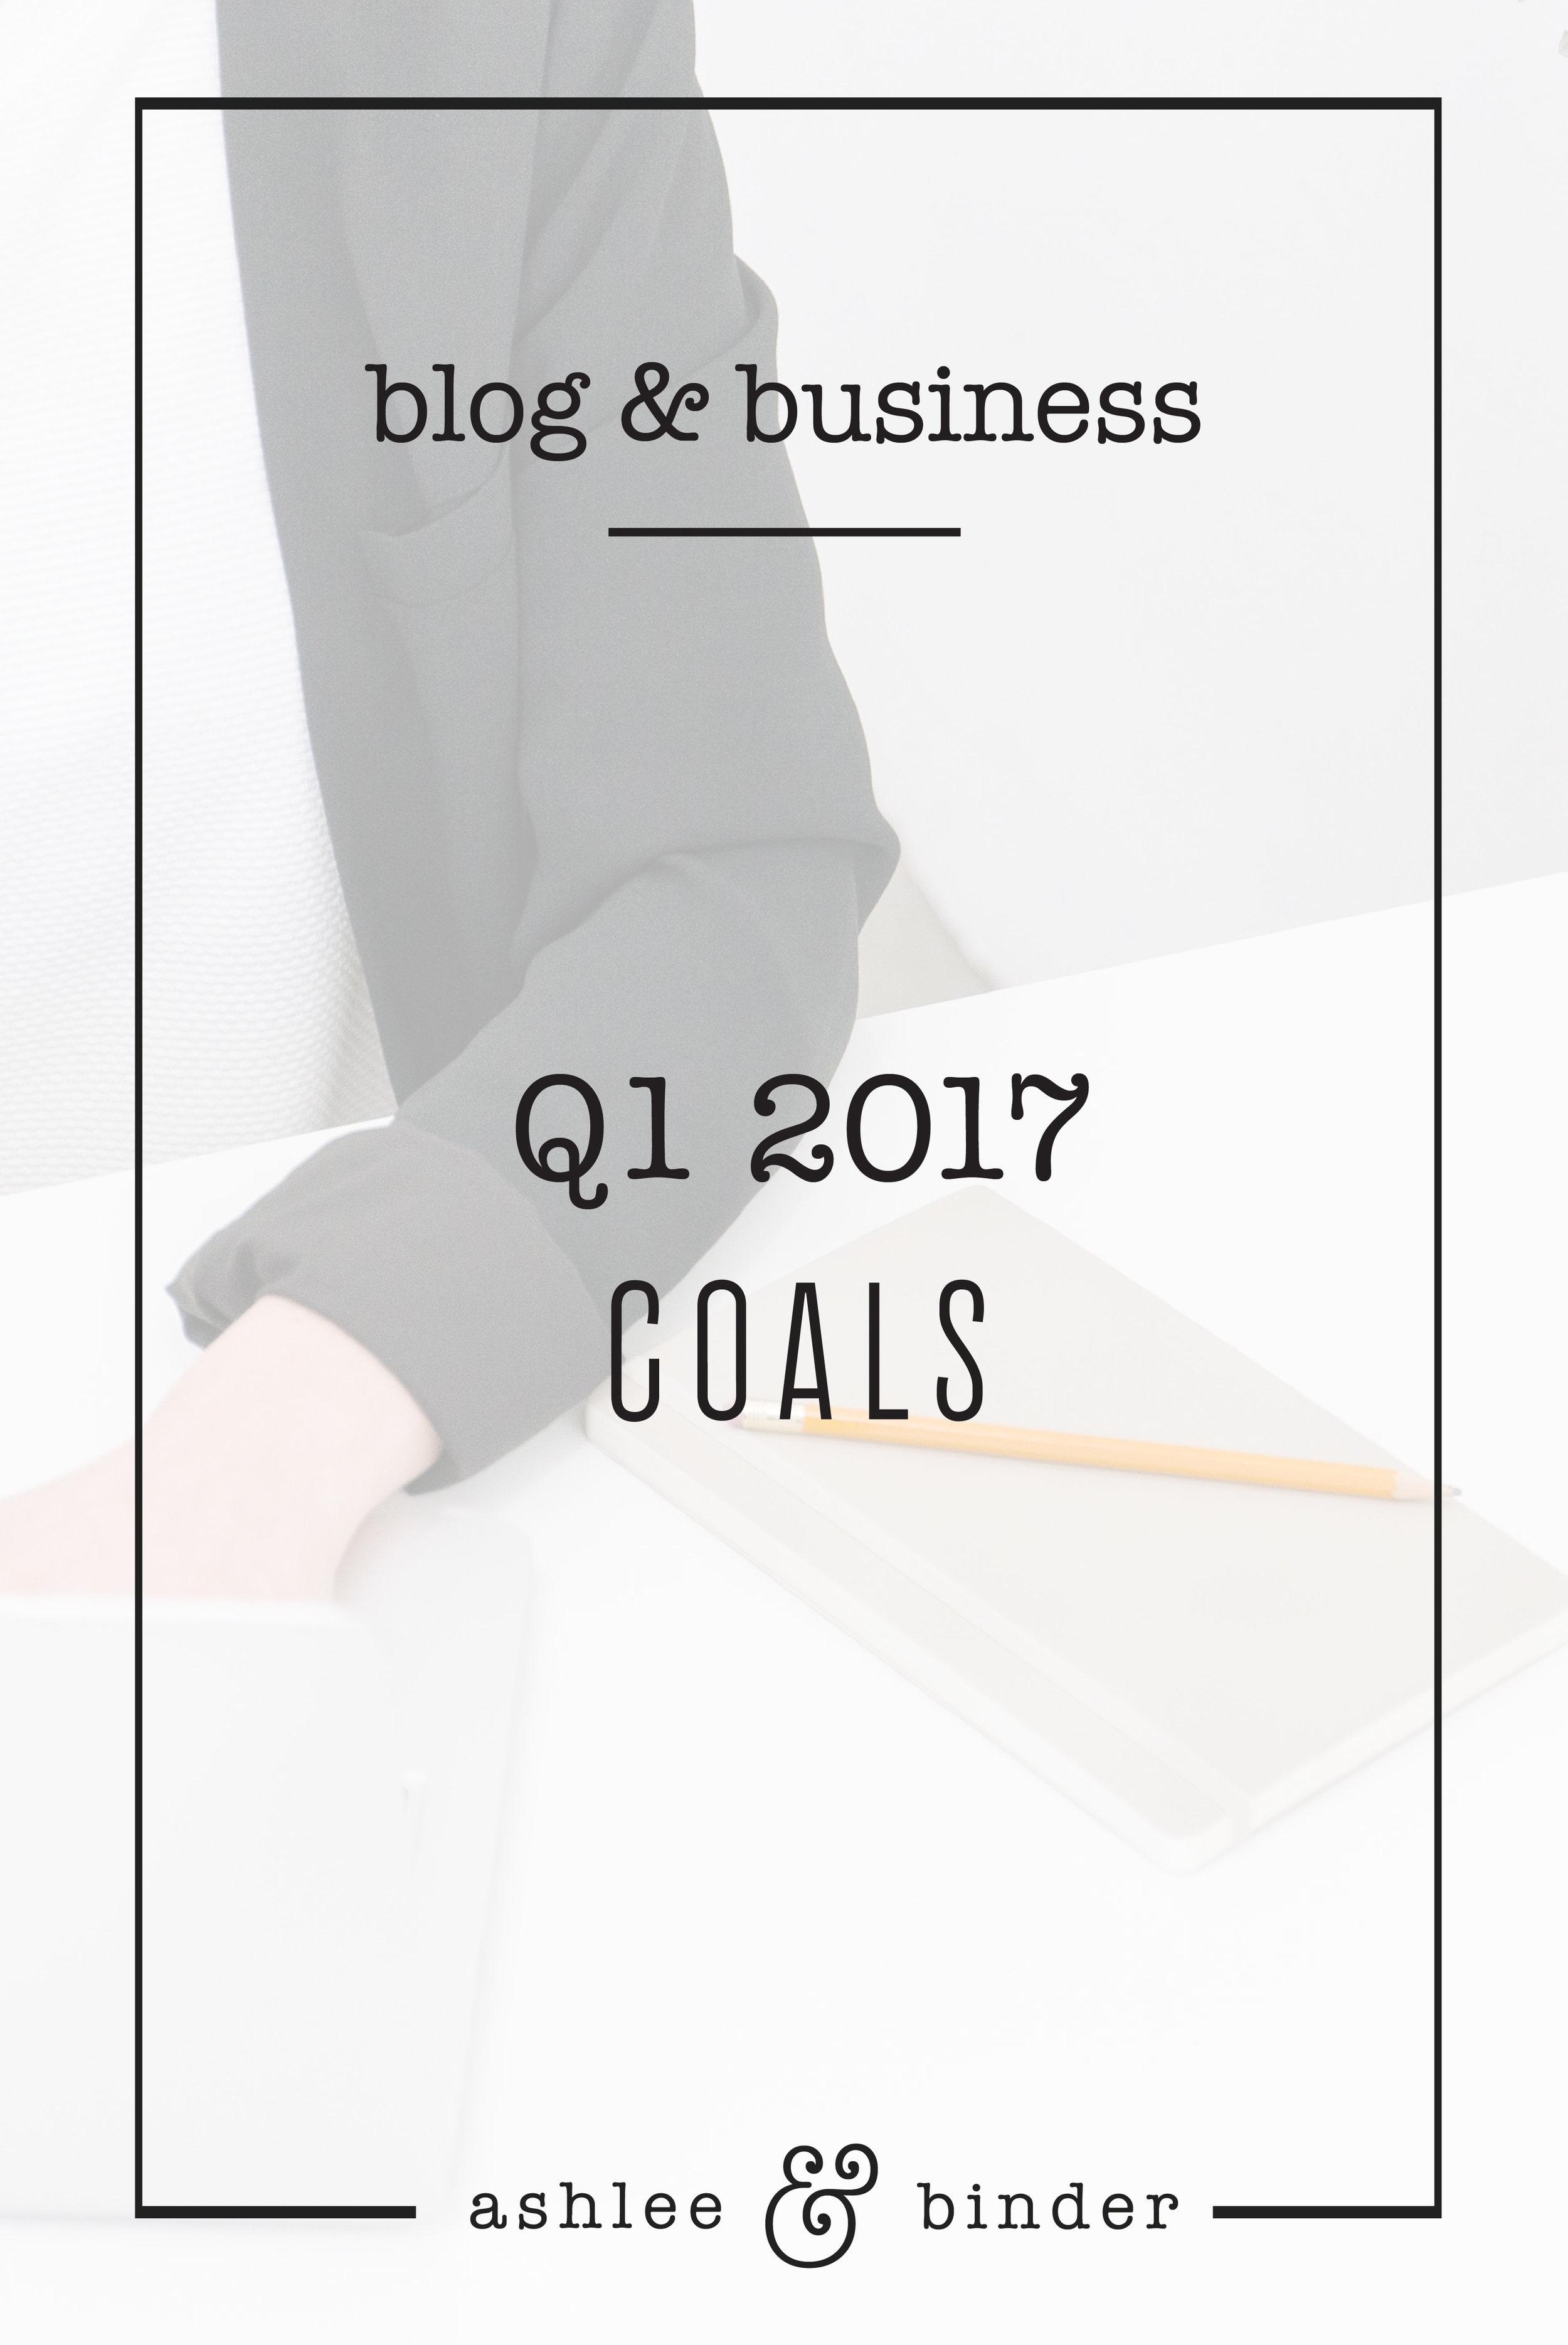 Q1 2017 Goals